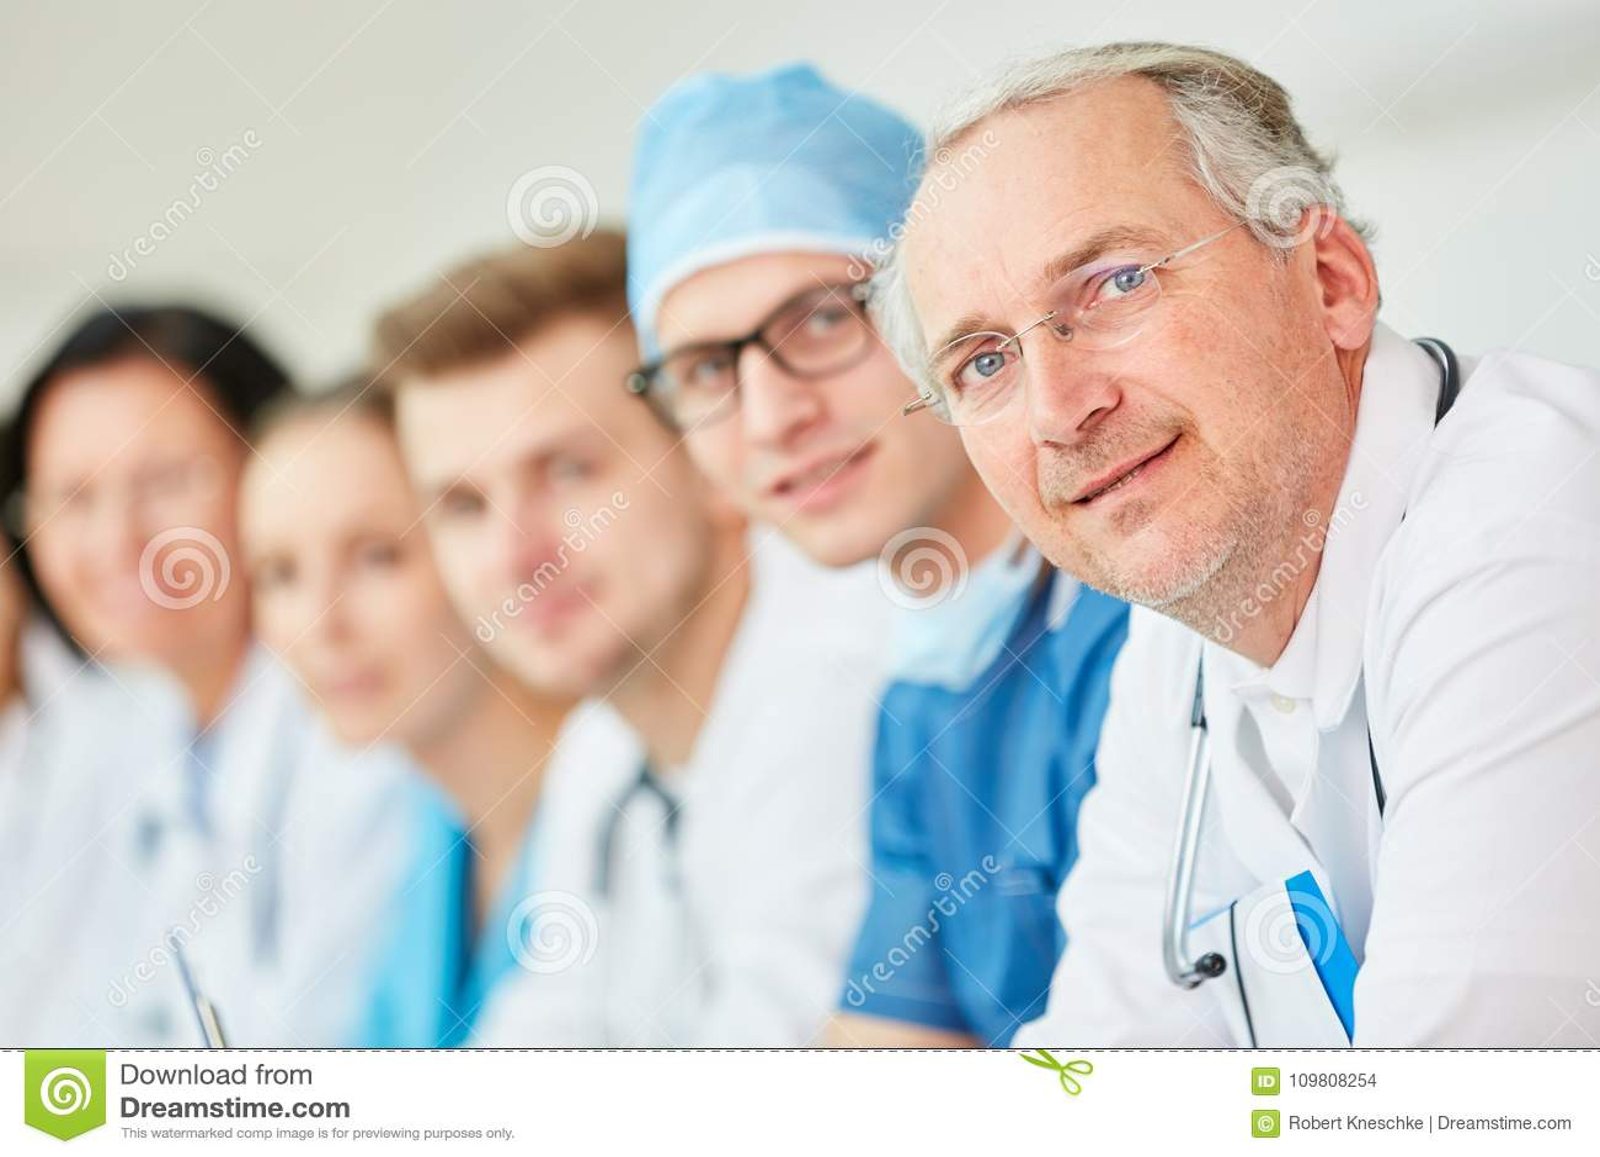 Ανώτερος γιατρός με την εμπειρία